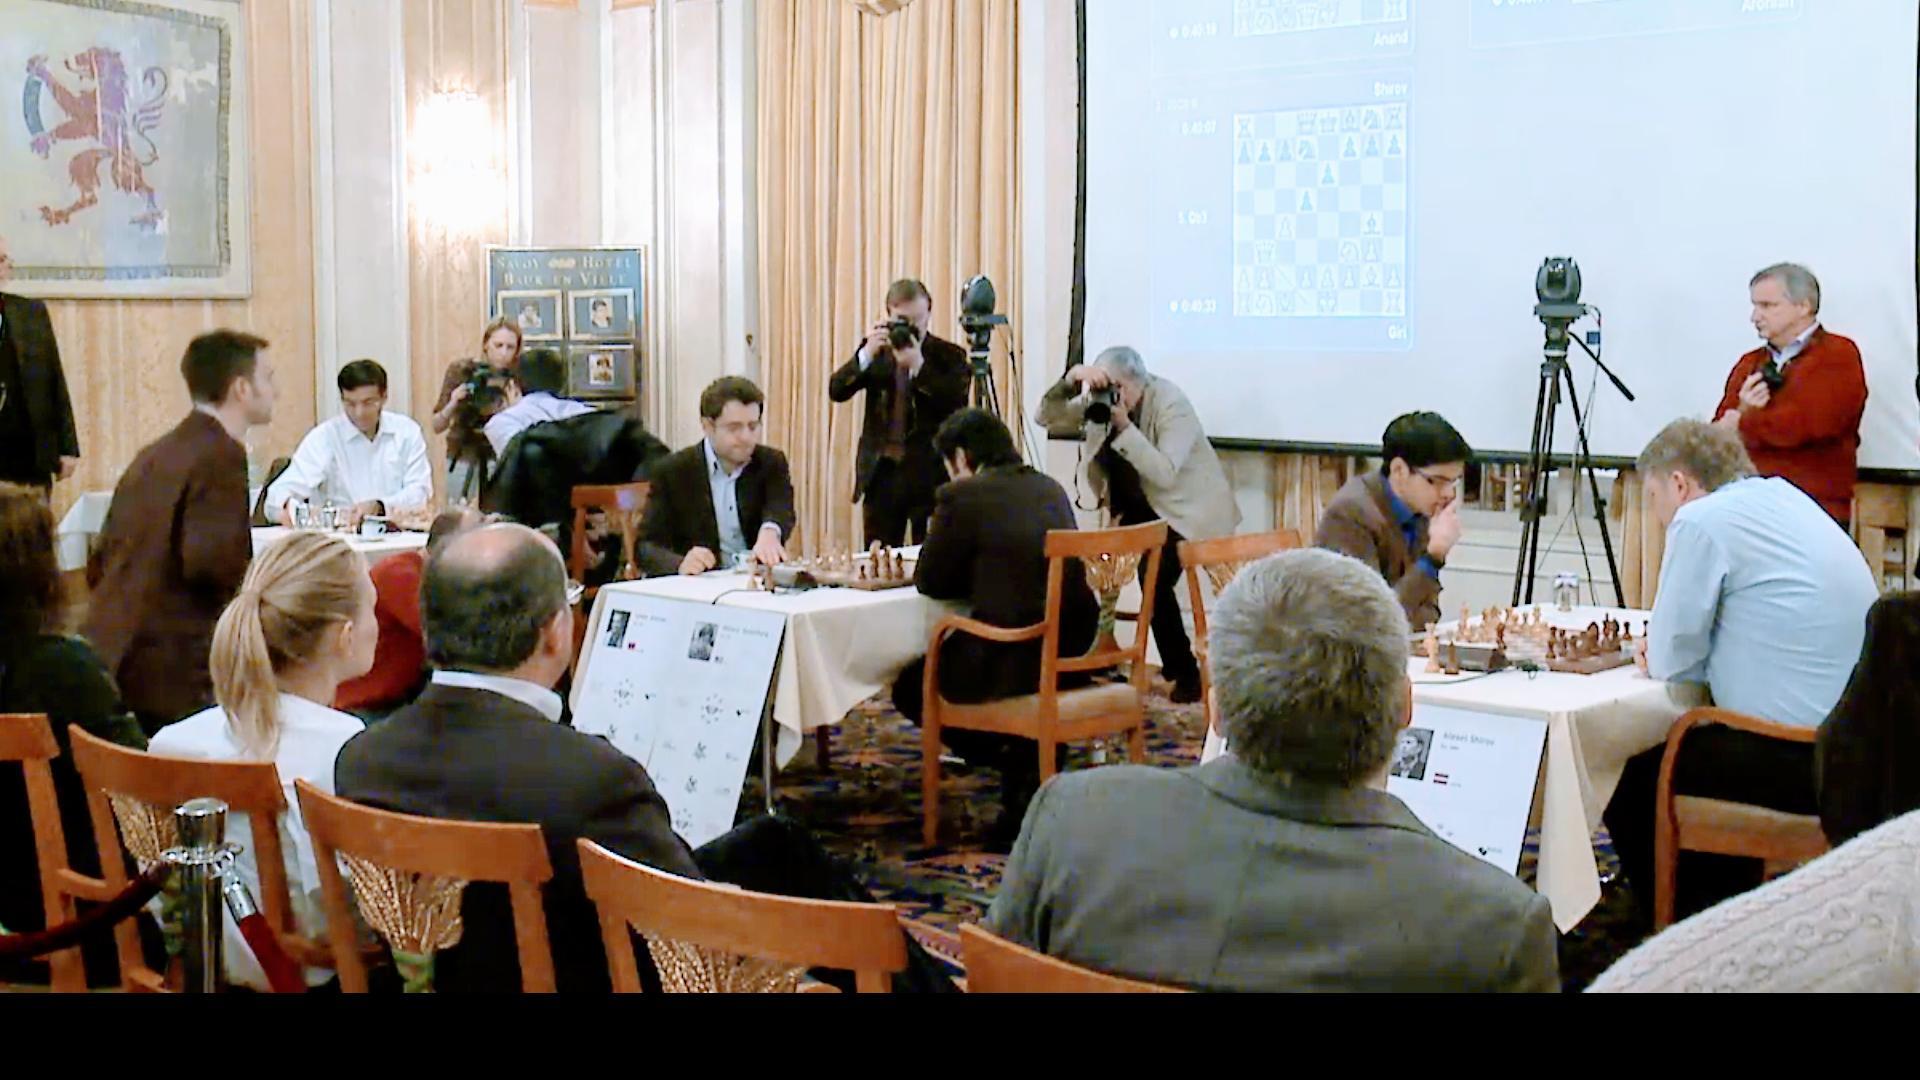 Zürich - 2016 - Andand, Kramnik, Aronjan, Nakamura, Giri, Schirow - Zürich Chess Challenge